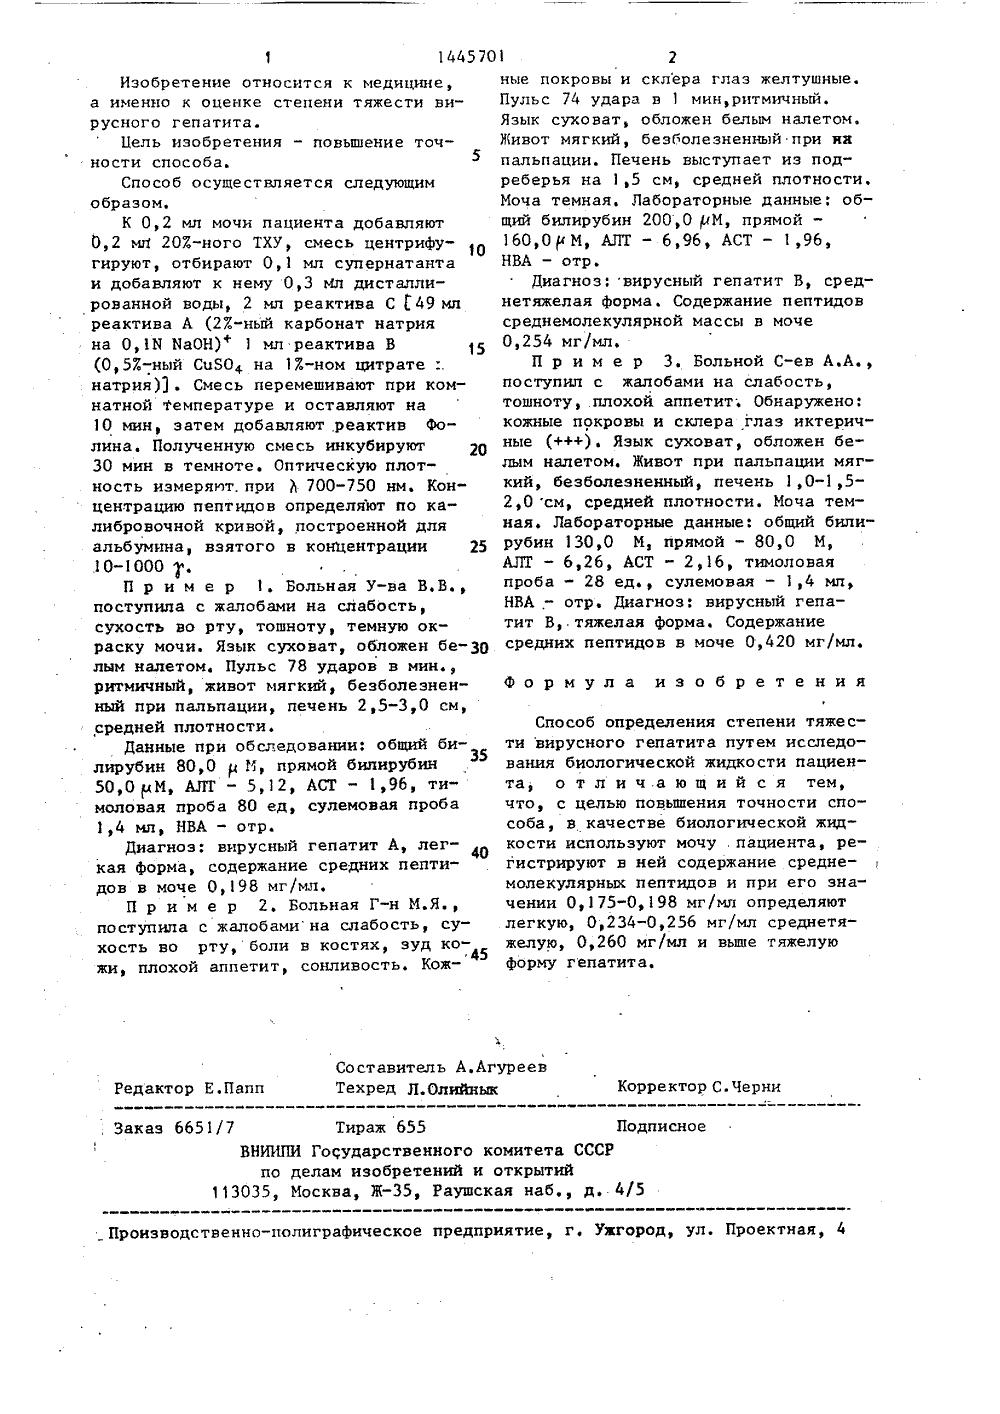 Какой код у гепатита с по мкб-10